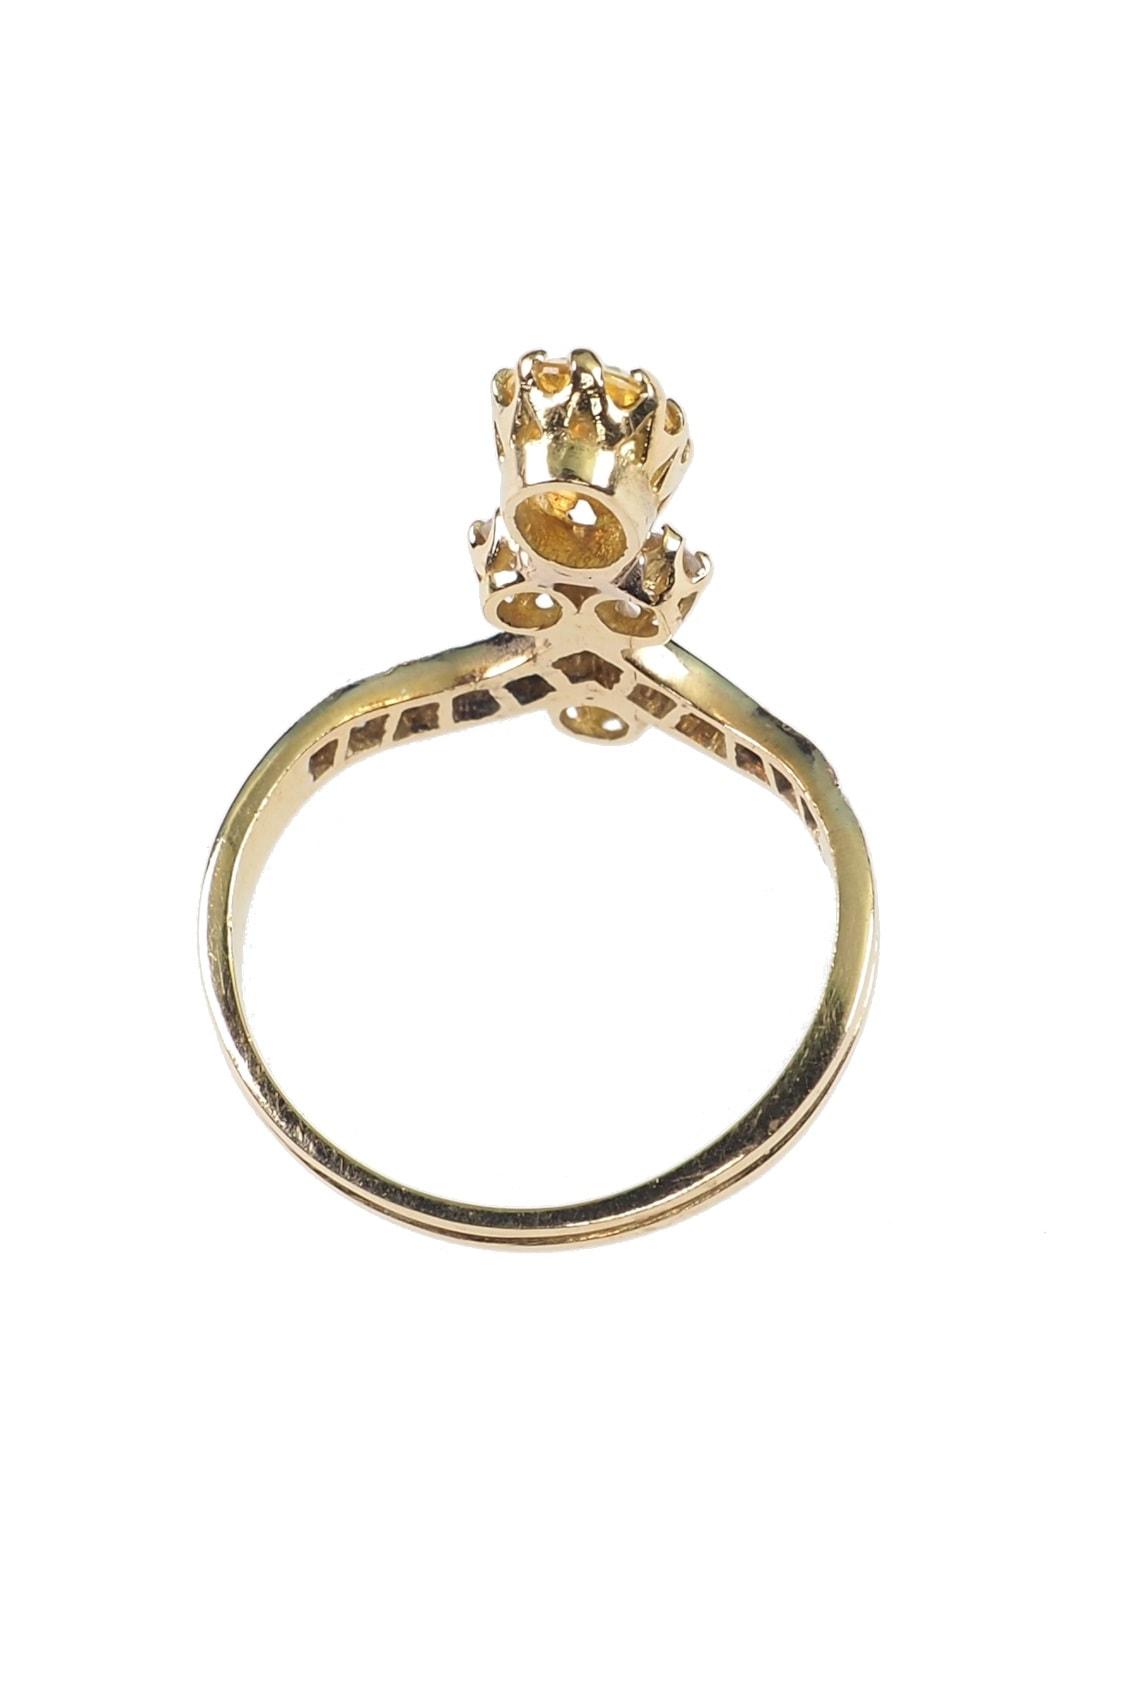 Verlobungsringe-online-kaufen-2597c